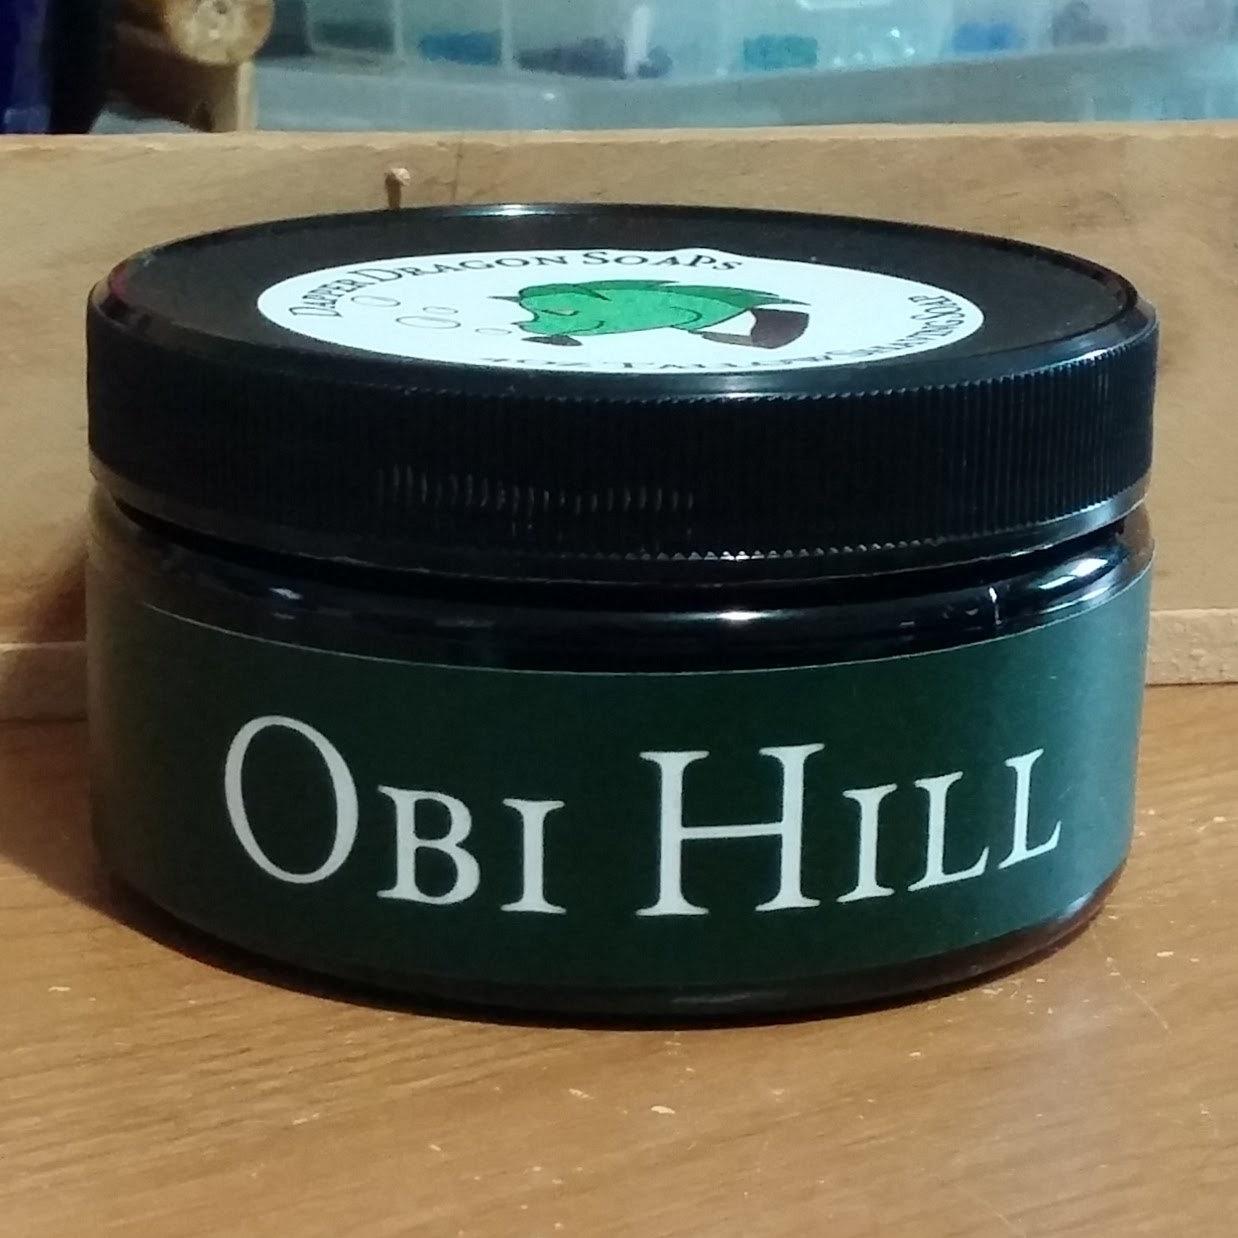 Dapper Dragon - Obi Hill - Soap image